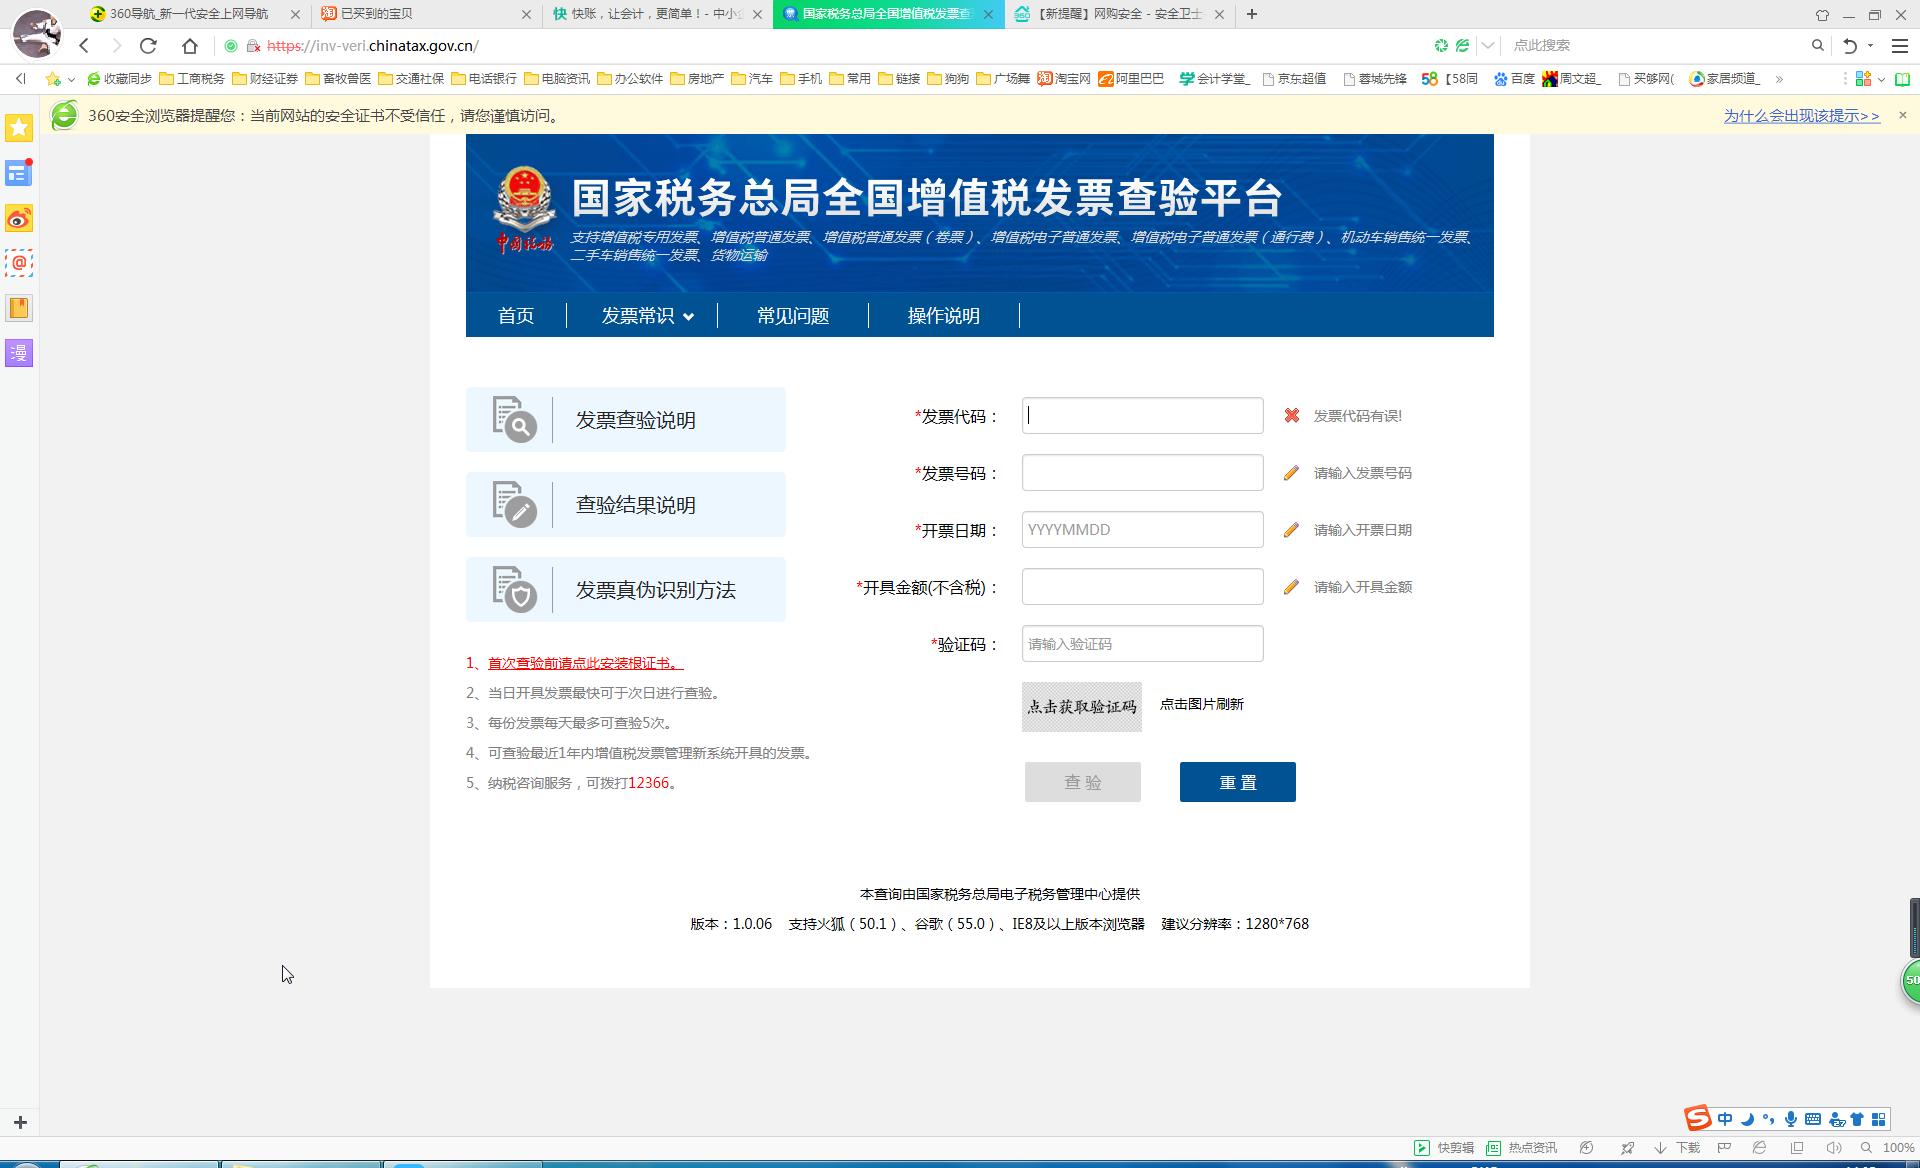 税务局推荐的发票查询网址怎么是不信任,鉴定又说是安全的,可以解决吗?